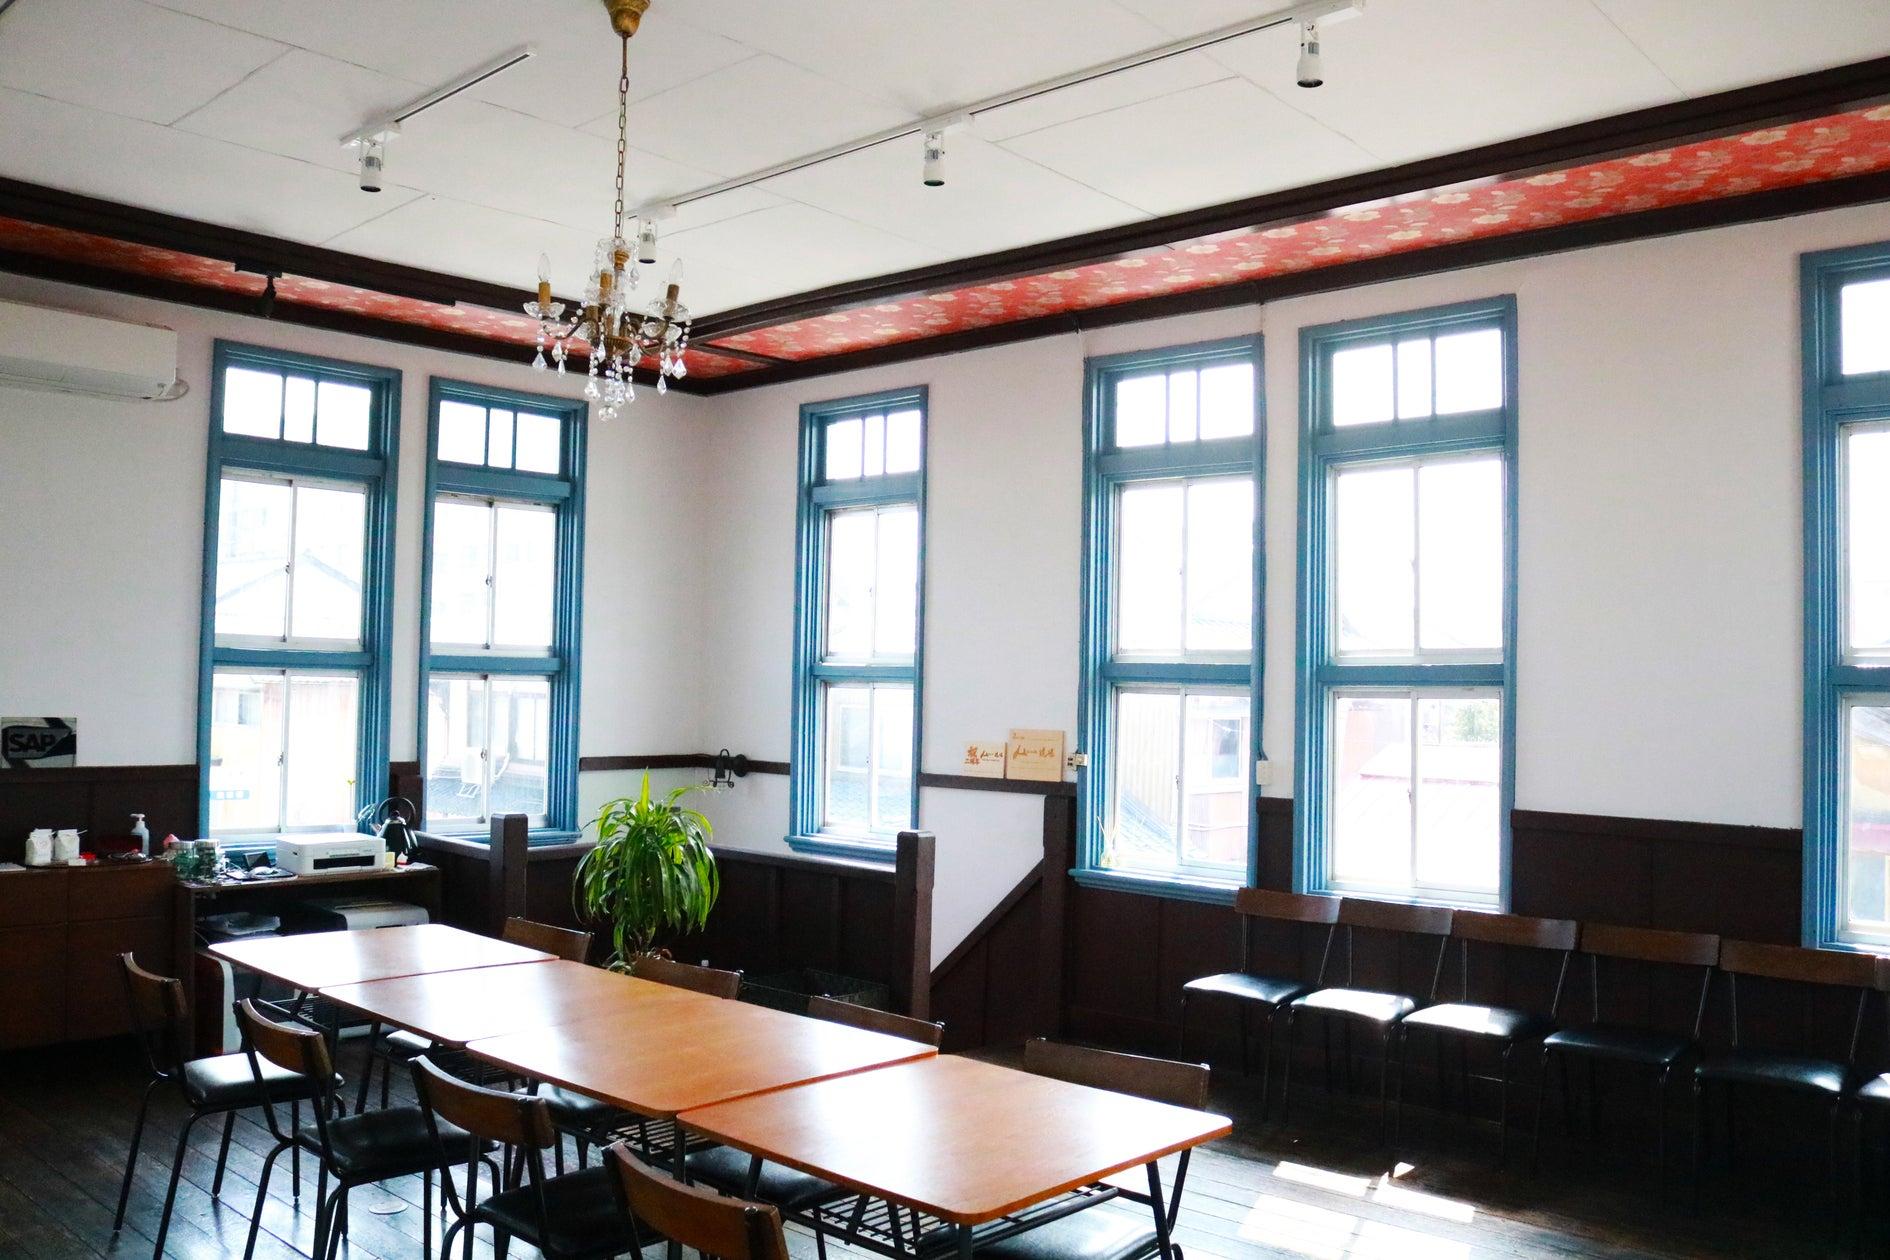 築80年の登録有形文化財に登録されている洋風建築です。 のサムネイル